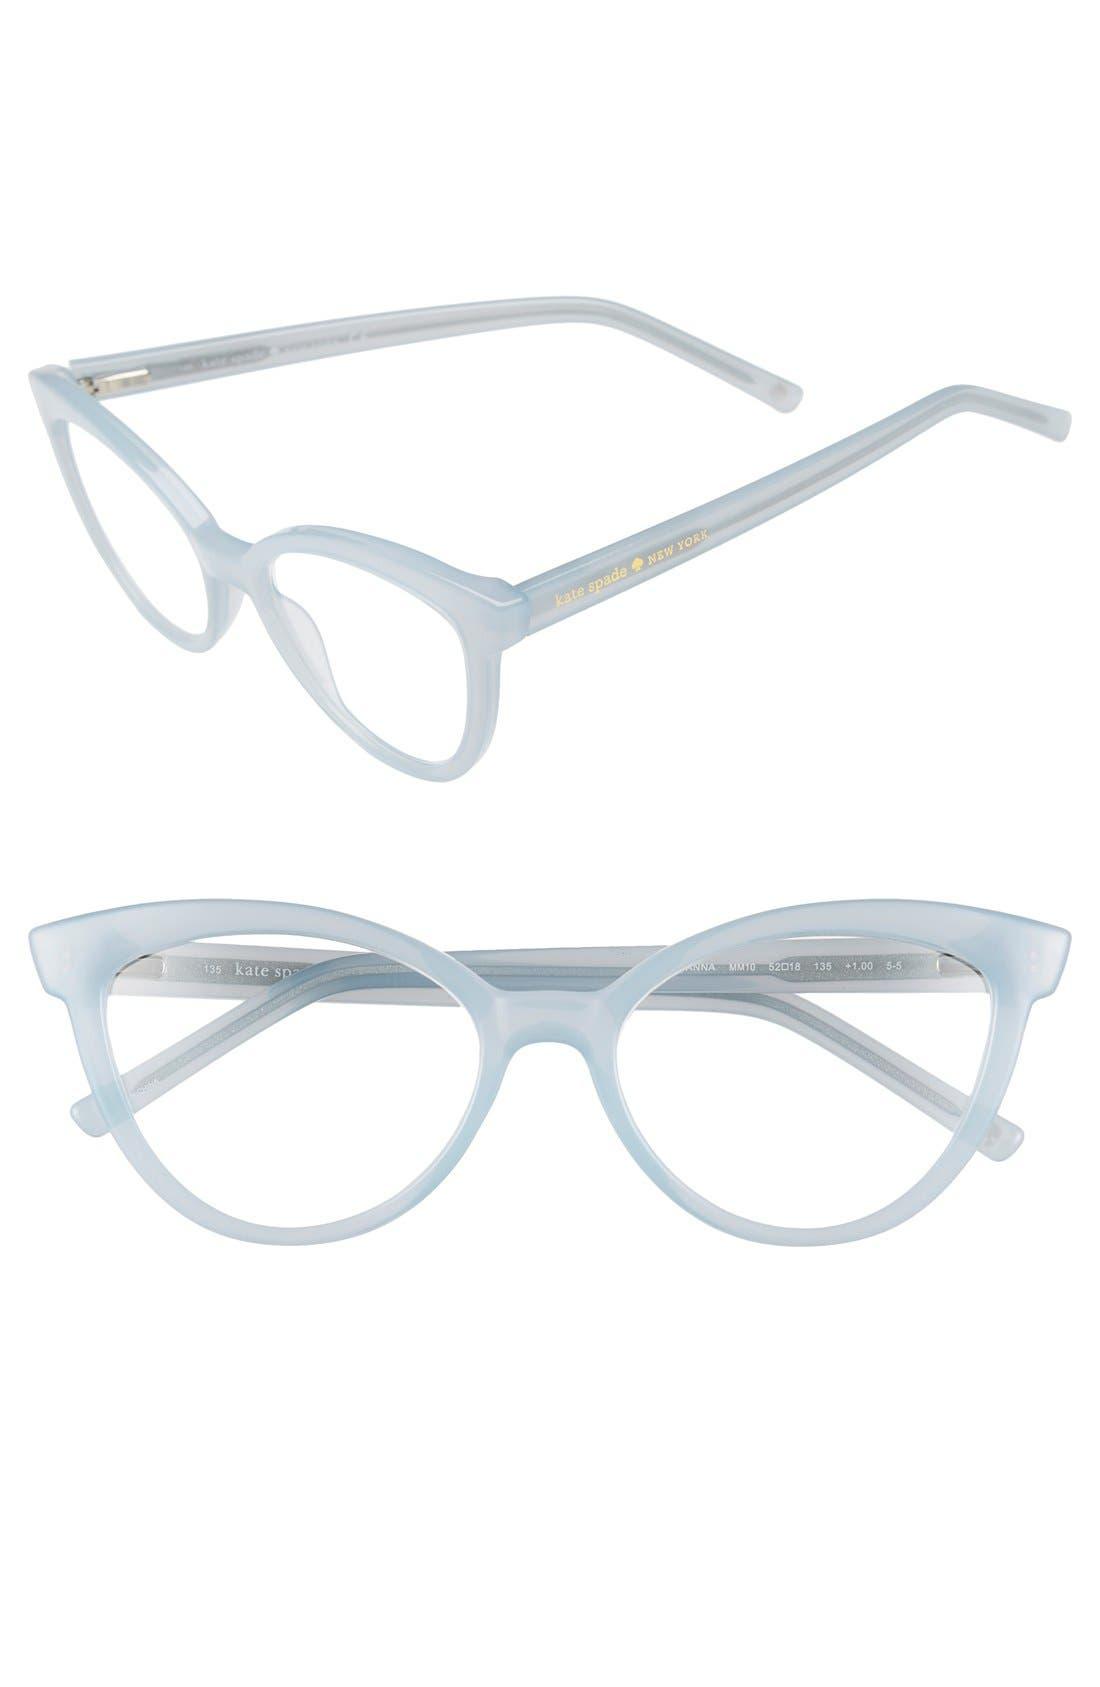 KATE SPADE NEW YORK danna 52mm cat eye reading glasses